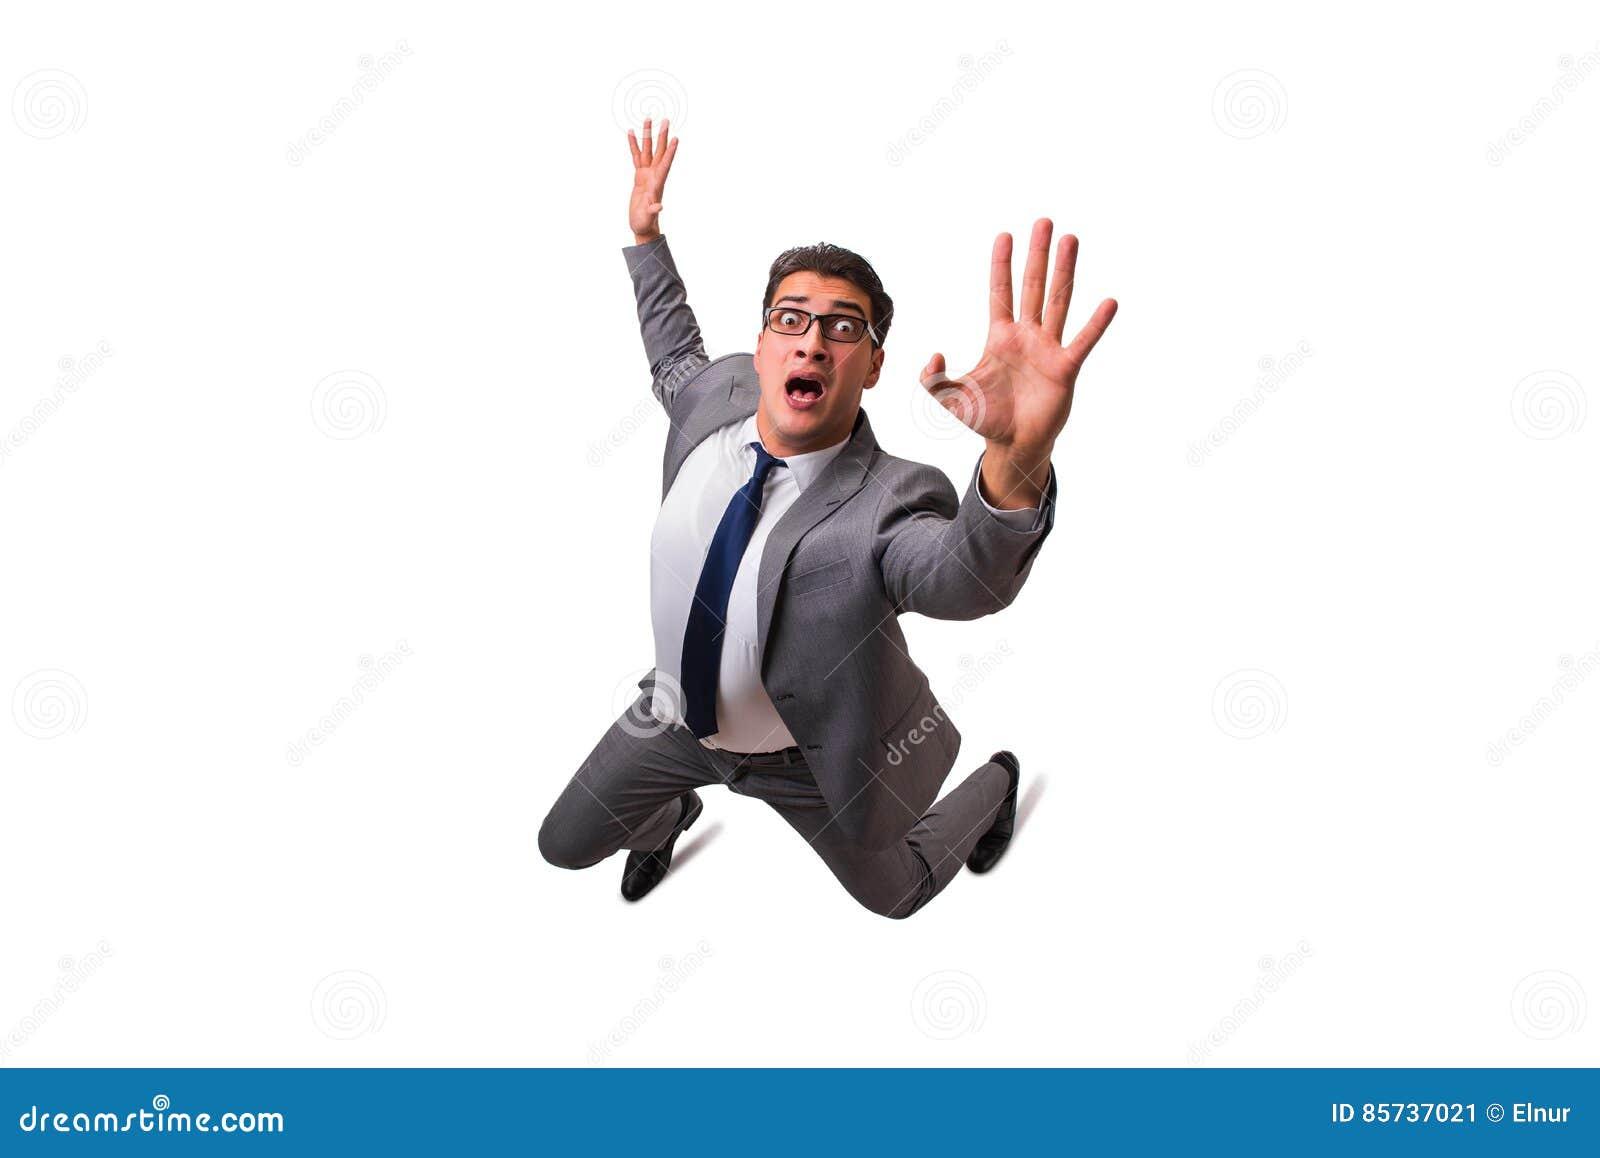 Der fallende Geschäftsmann lokalisiert auf dem weißen Hintergrund